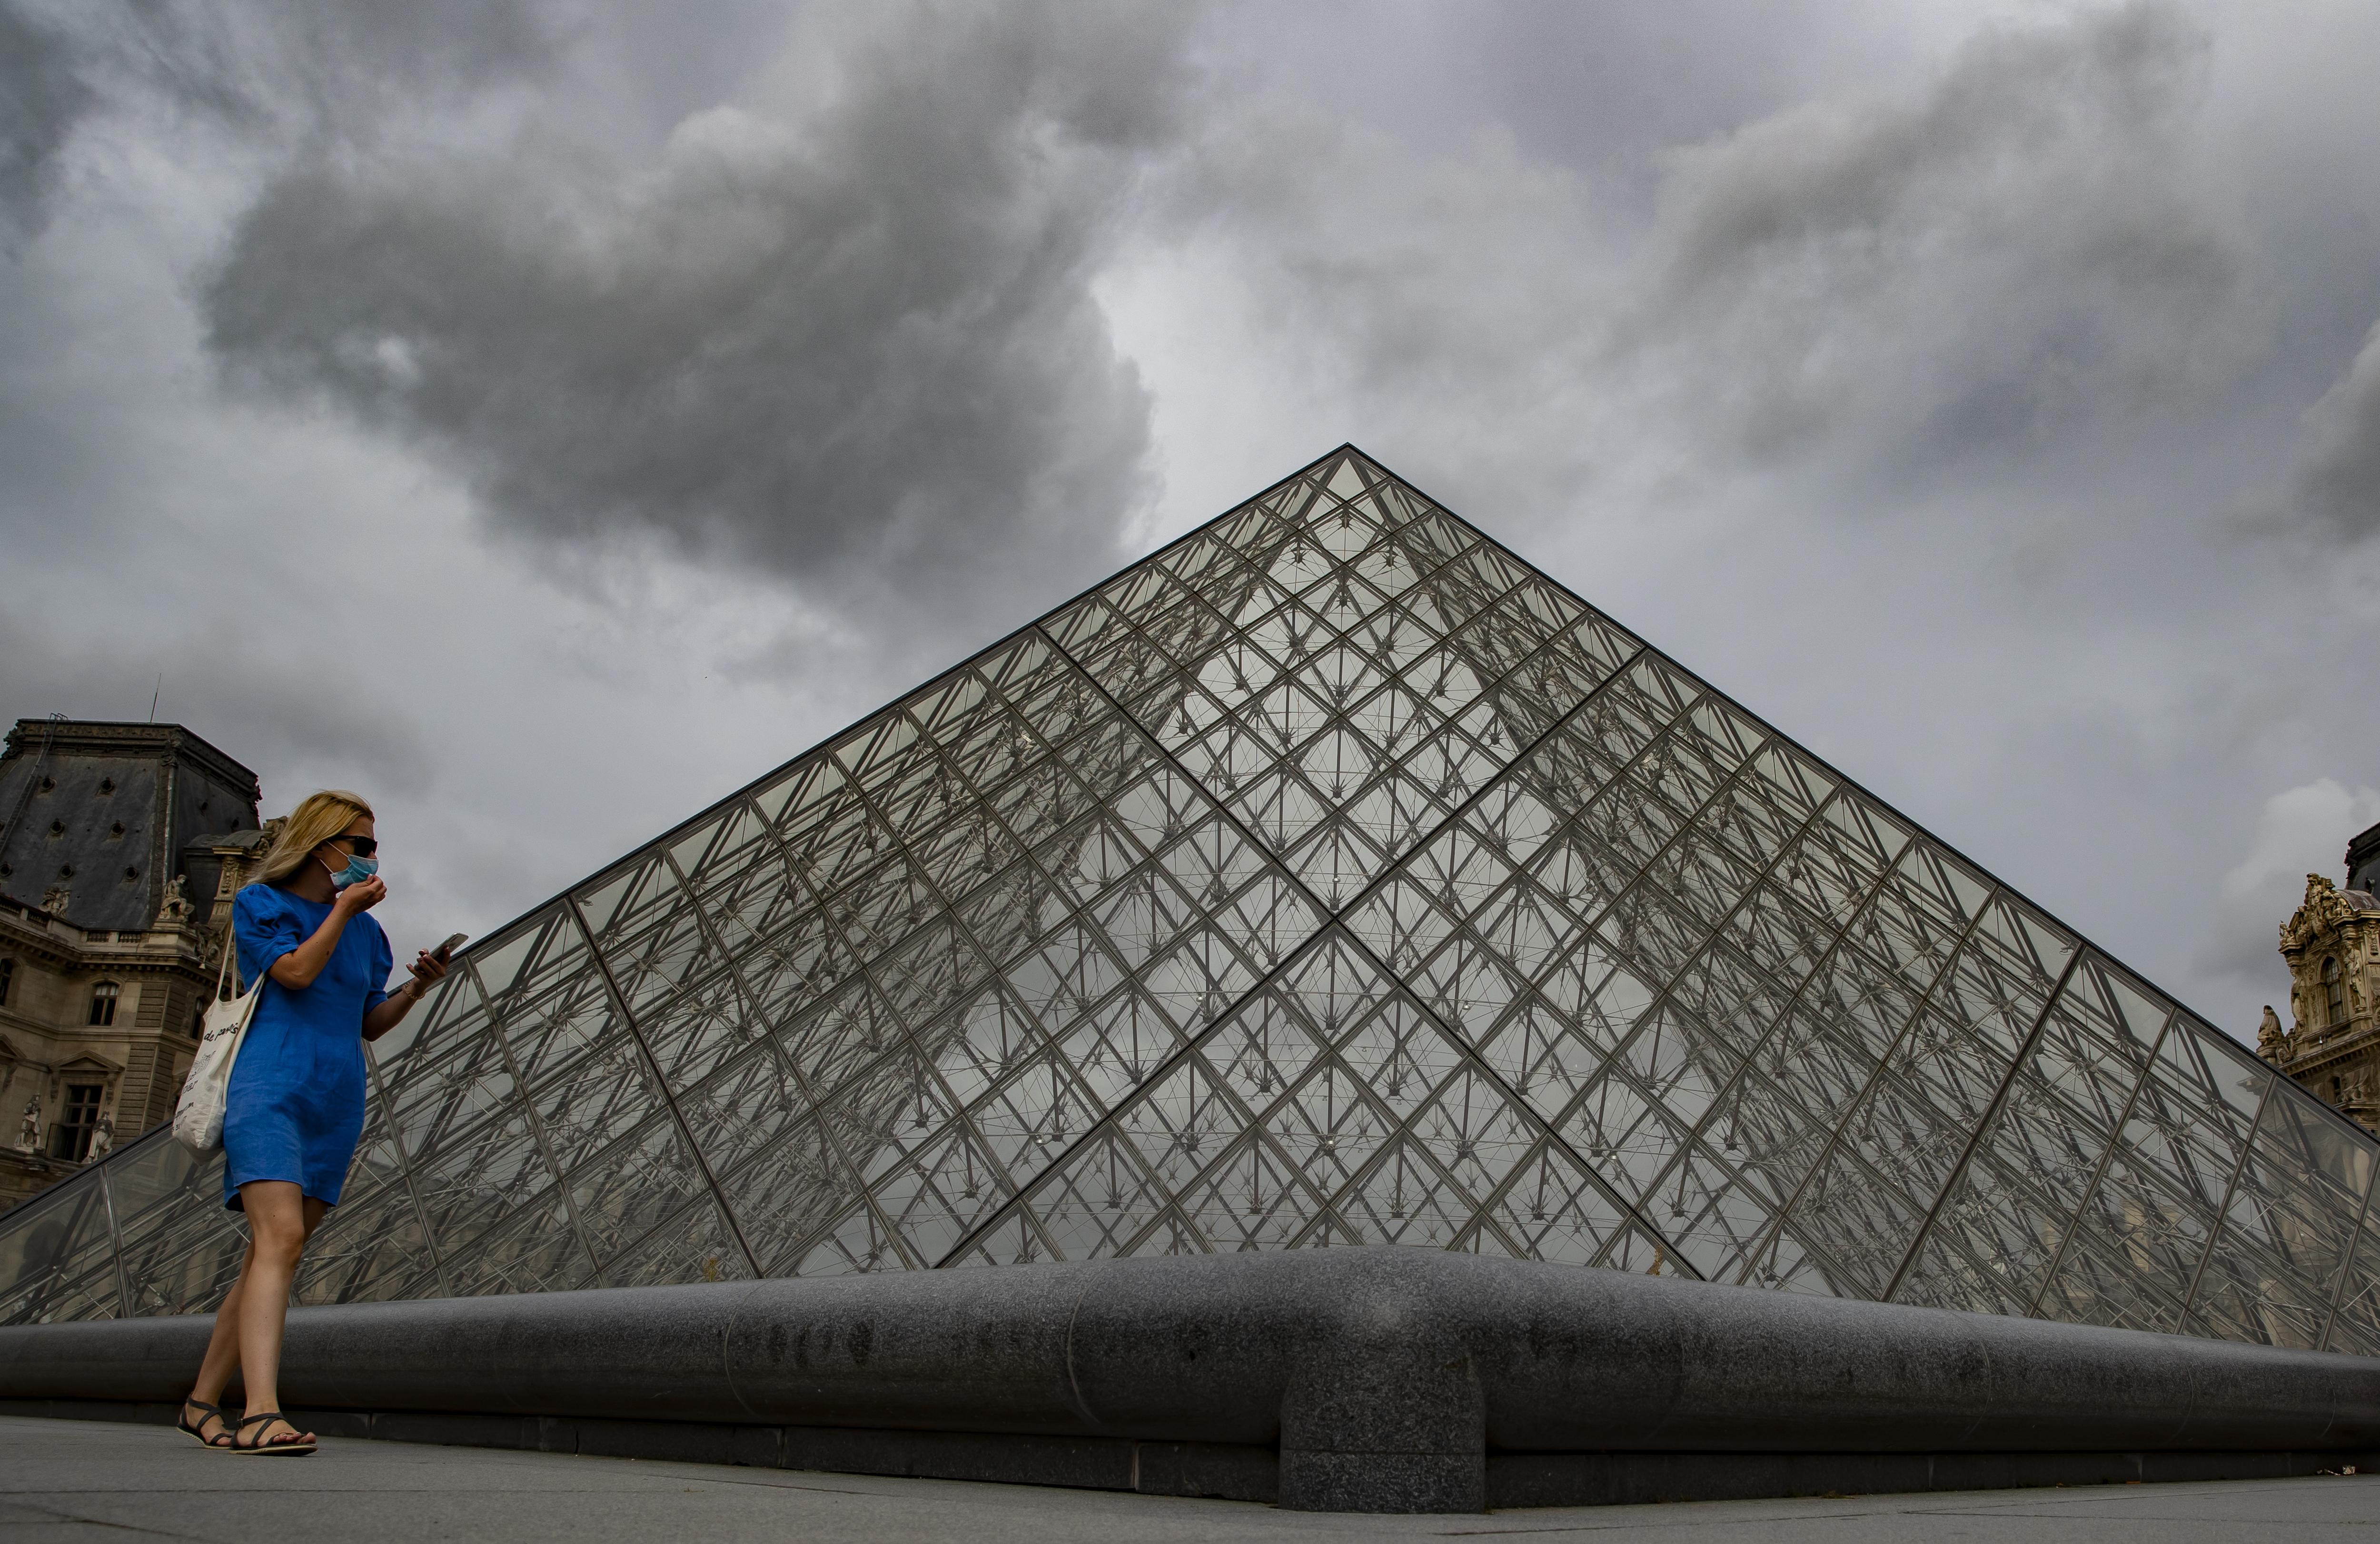 Fransa da iş yerlerinde maske takma zorunluluğu getirildi #5